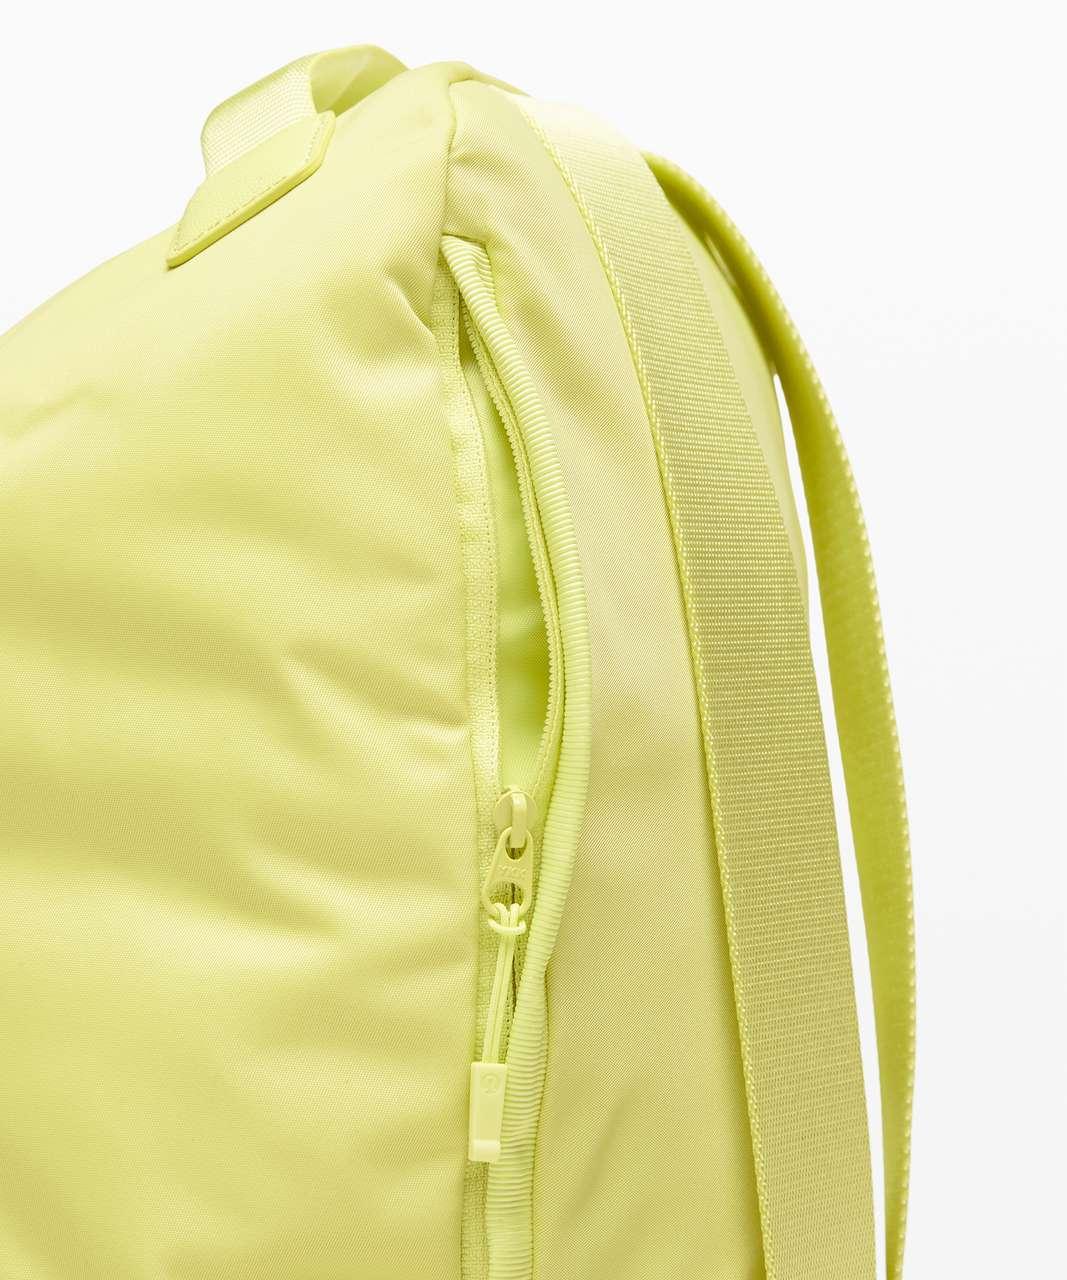 Lululemon City Adventurer Backpack Mini *10L - Lemon Vibe